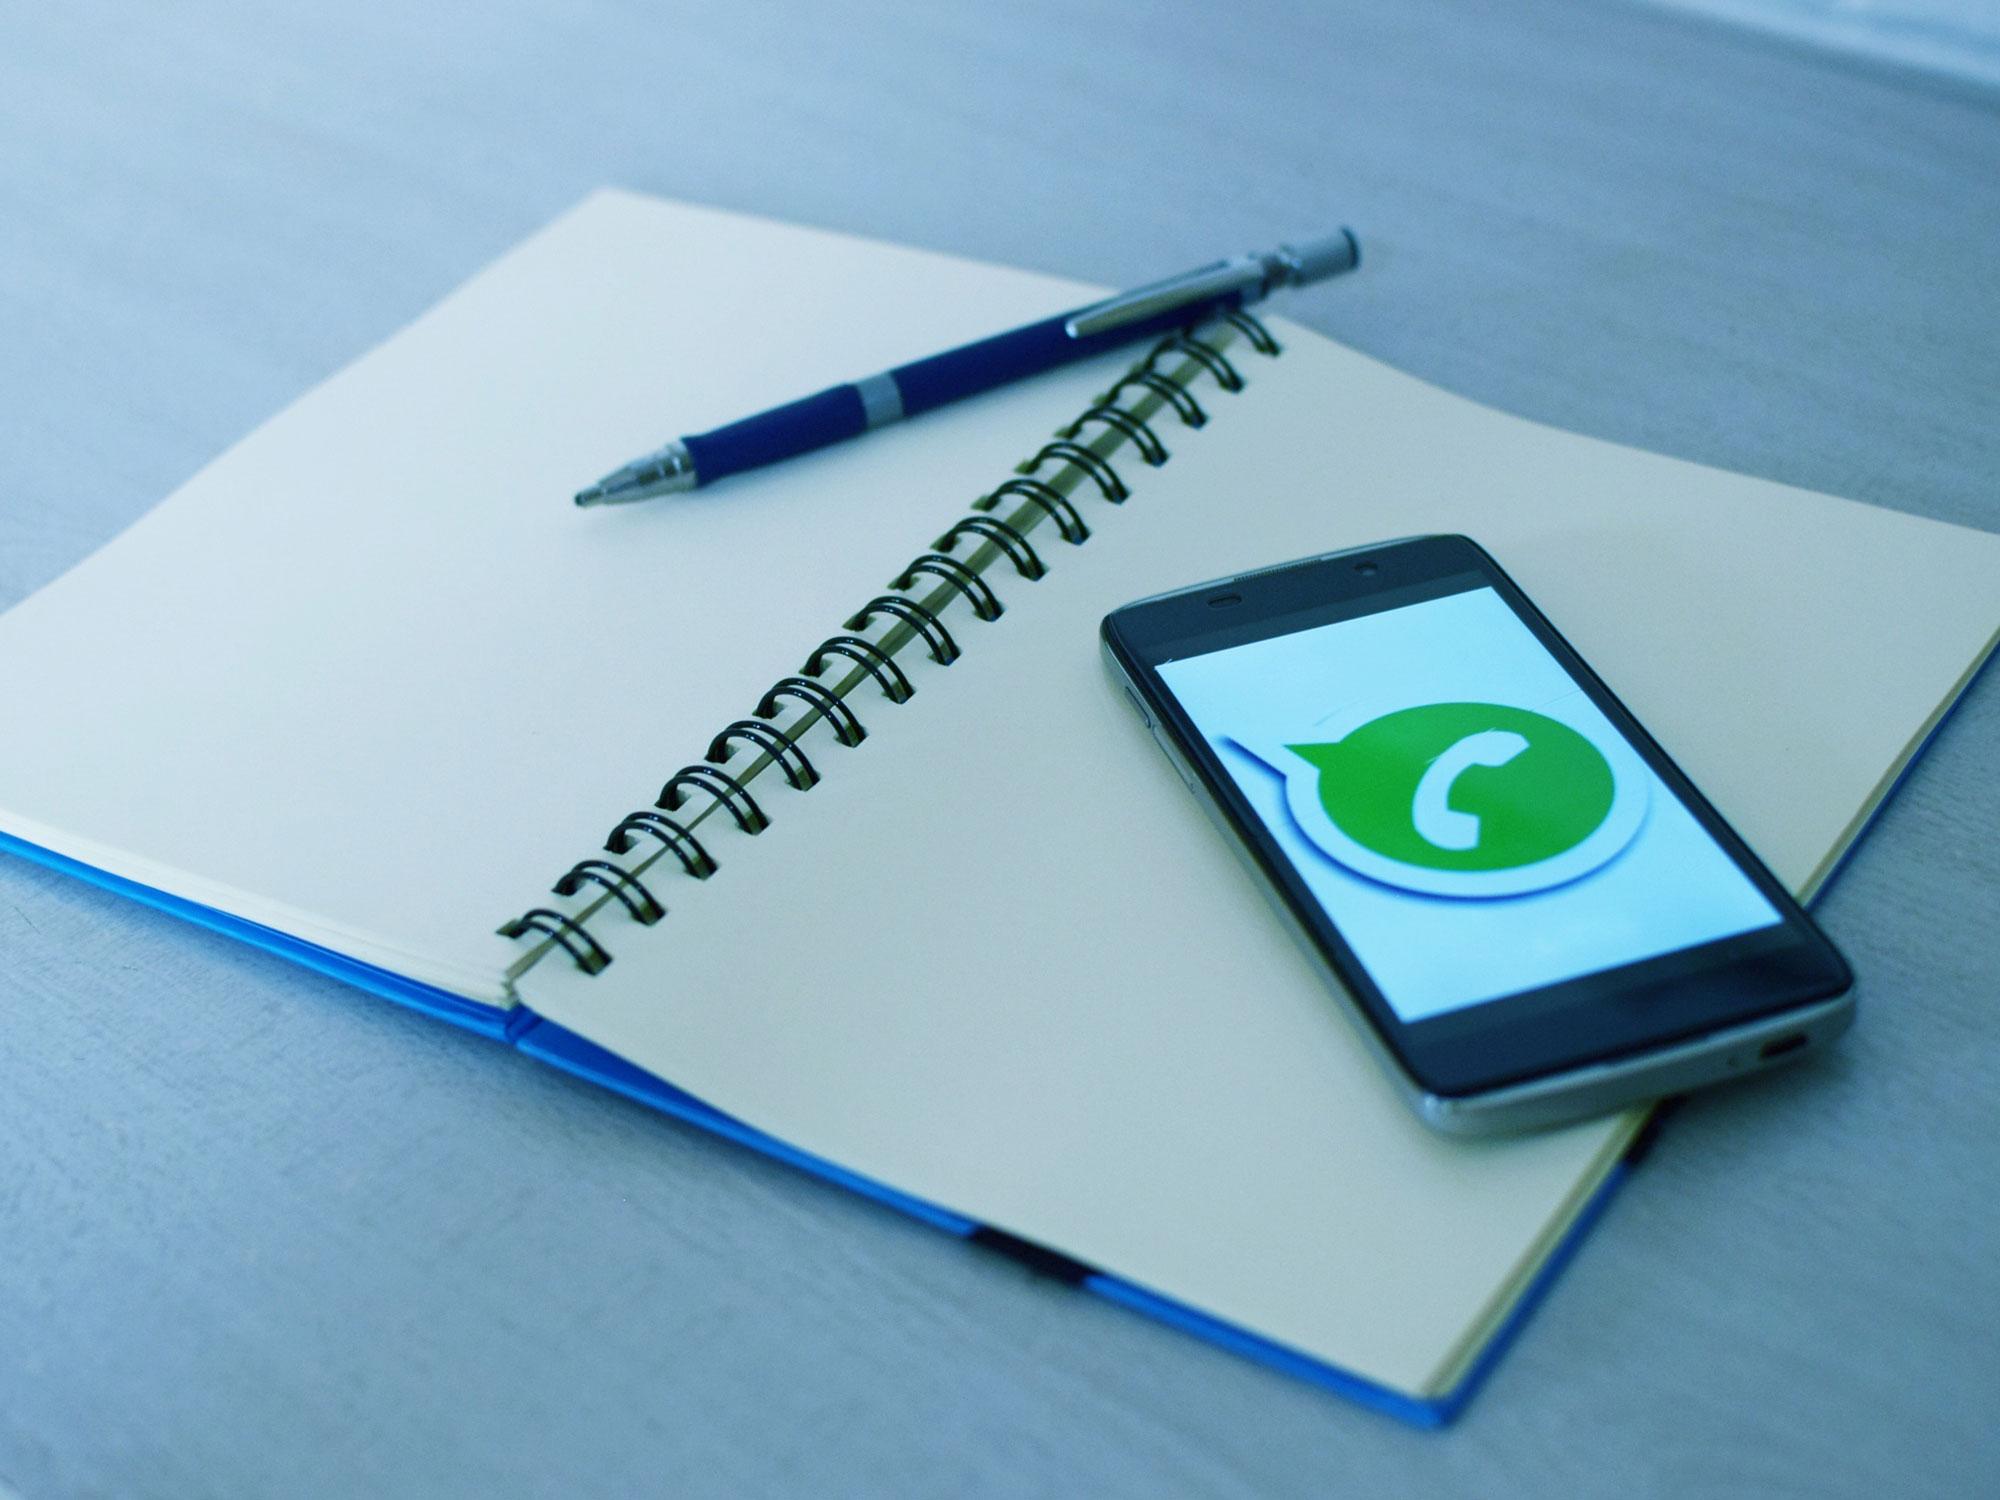 La nouvelle fonctionnalité WhatsApp permet la recherche sur le web - Agence Sharing